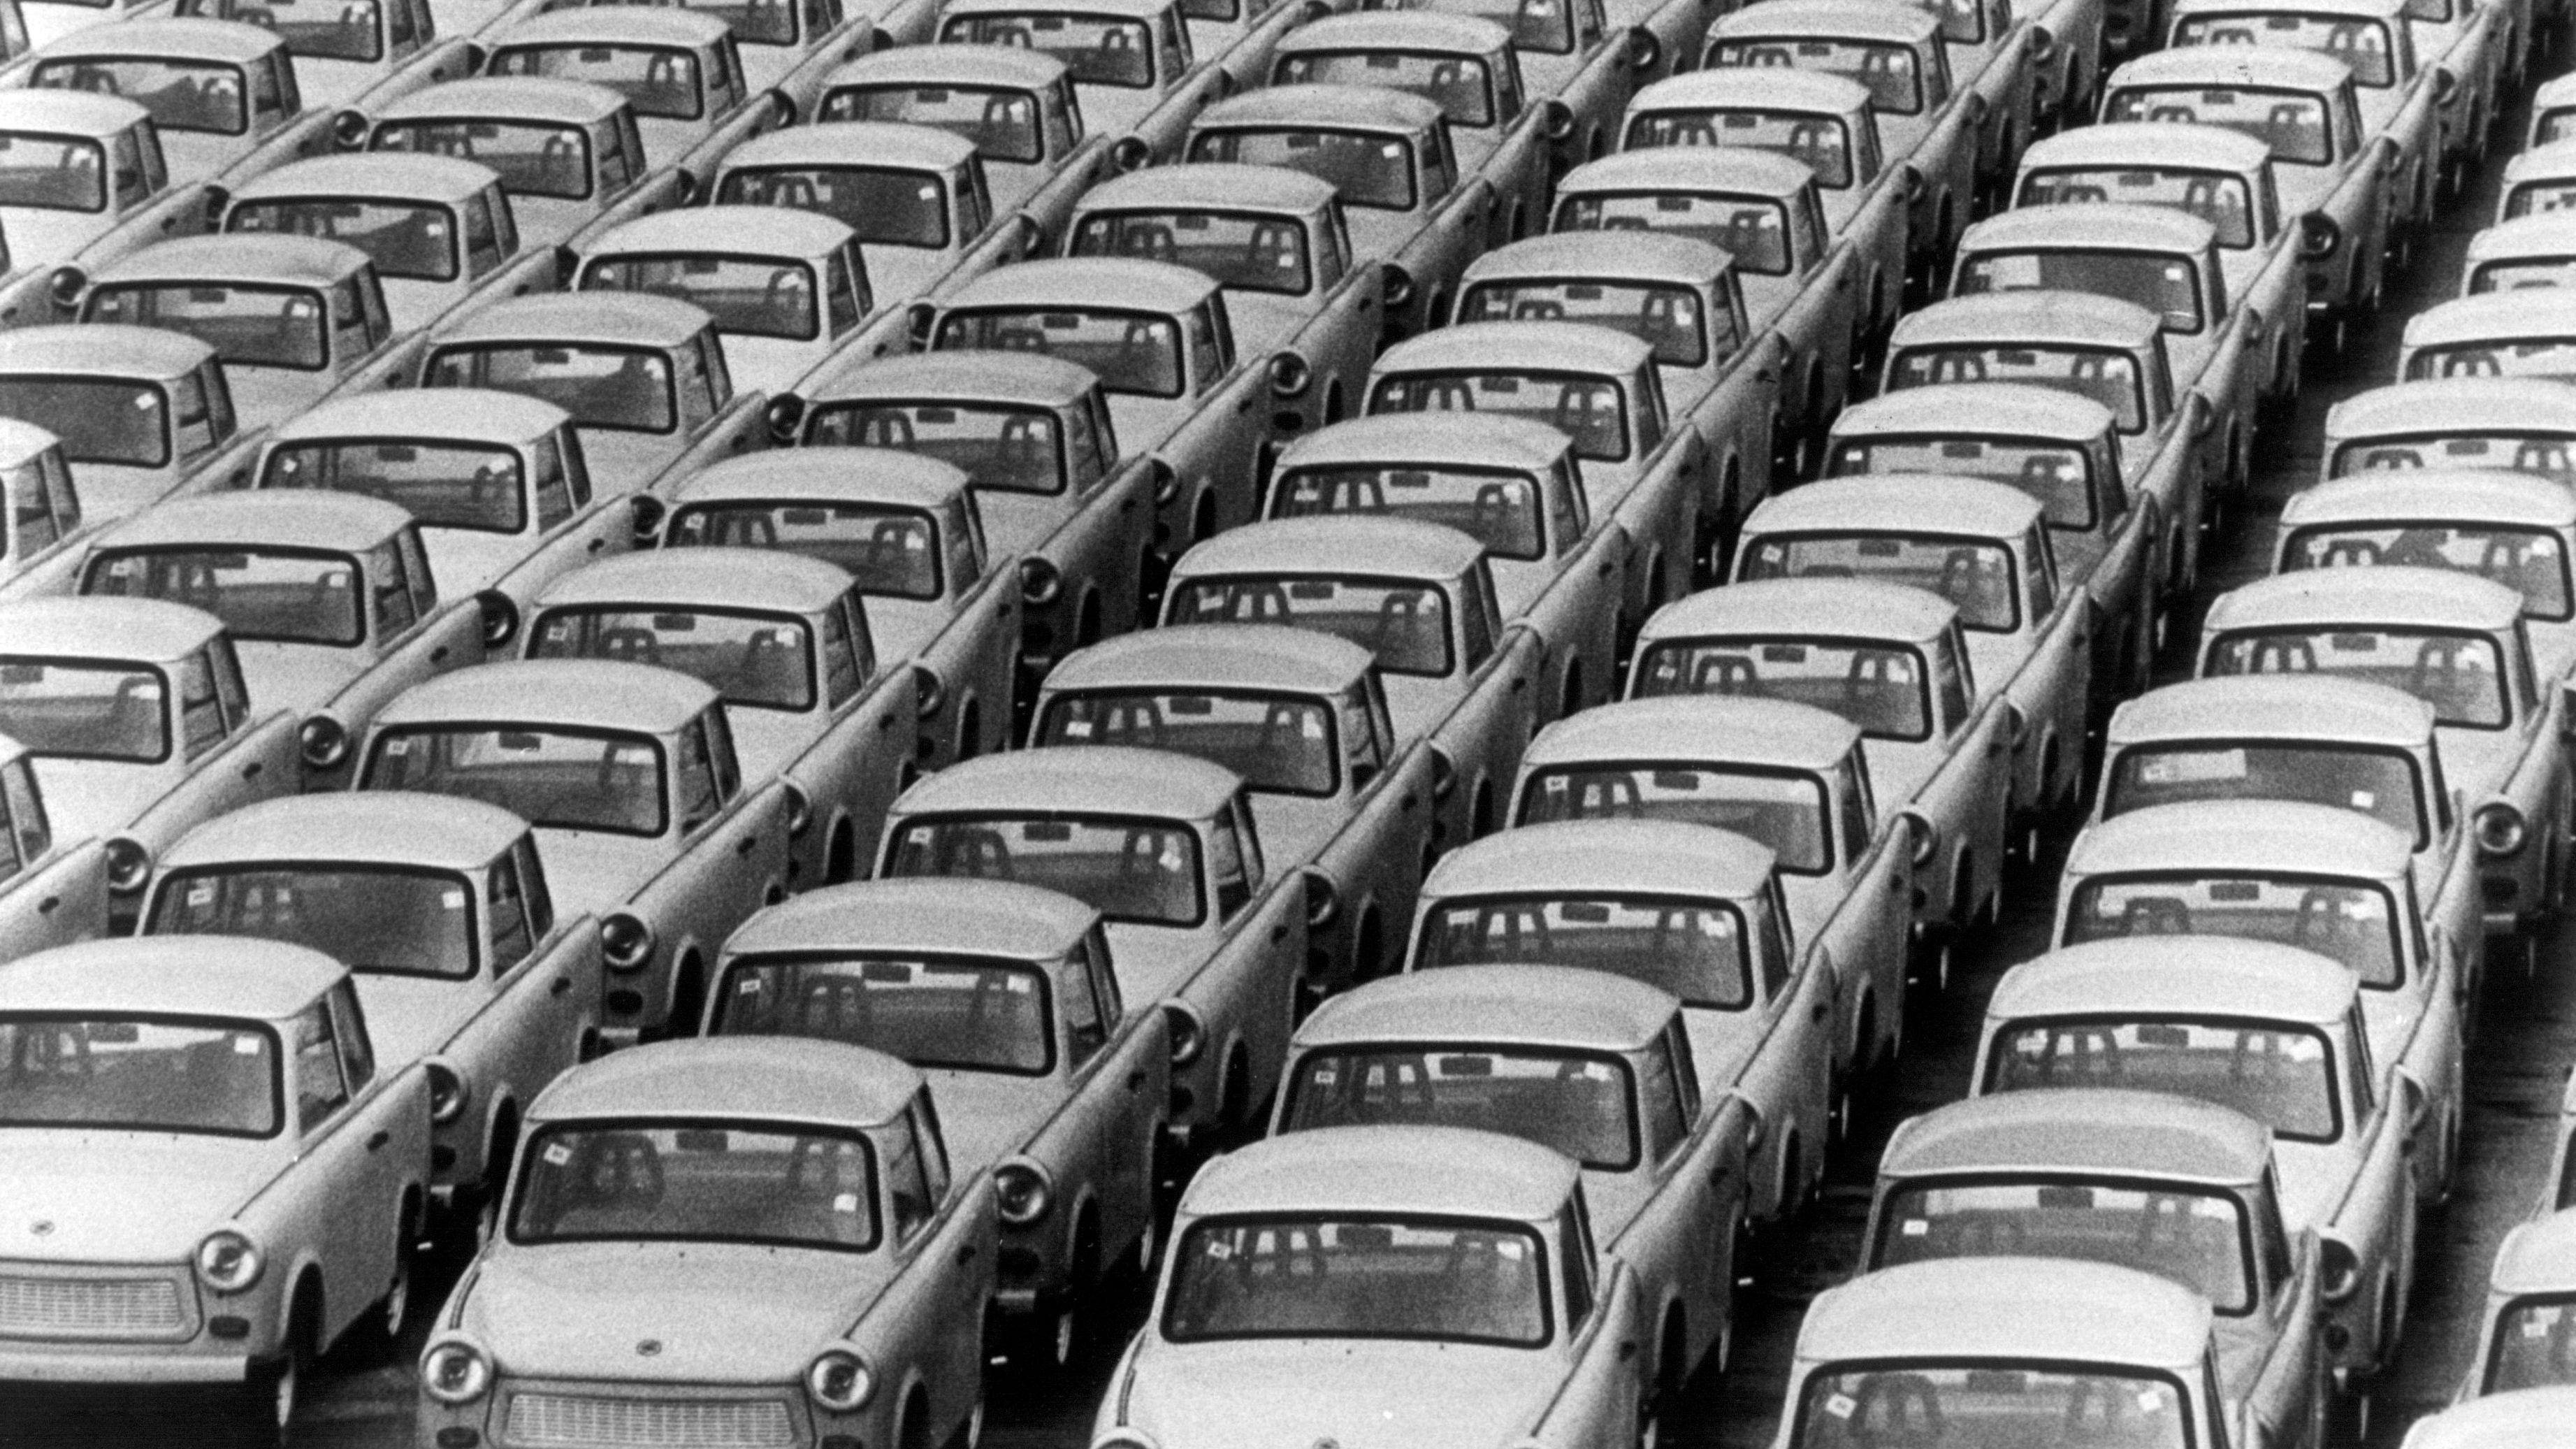 Trabbis 1990 auf einem Auslieferungsparkplatz in Rostock.